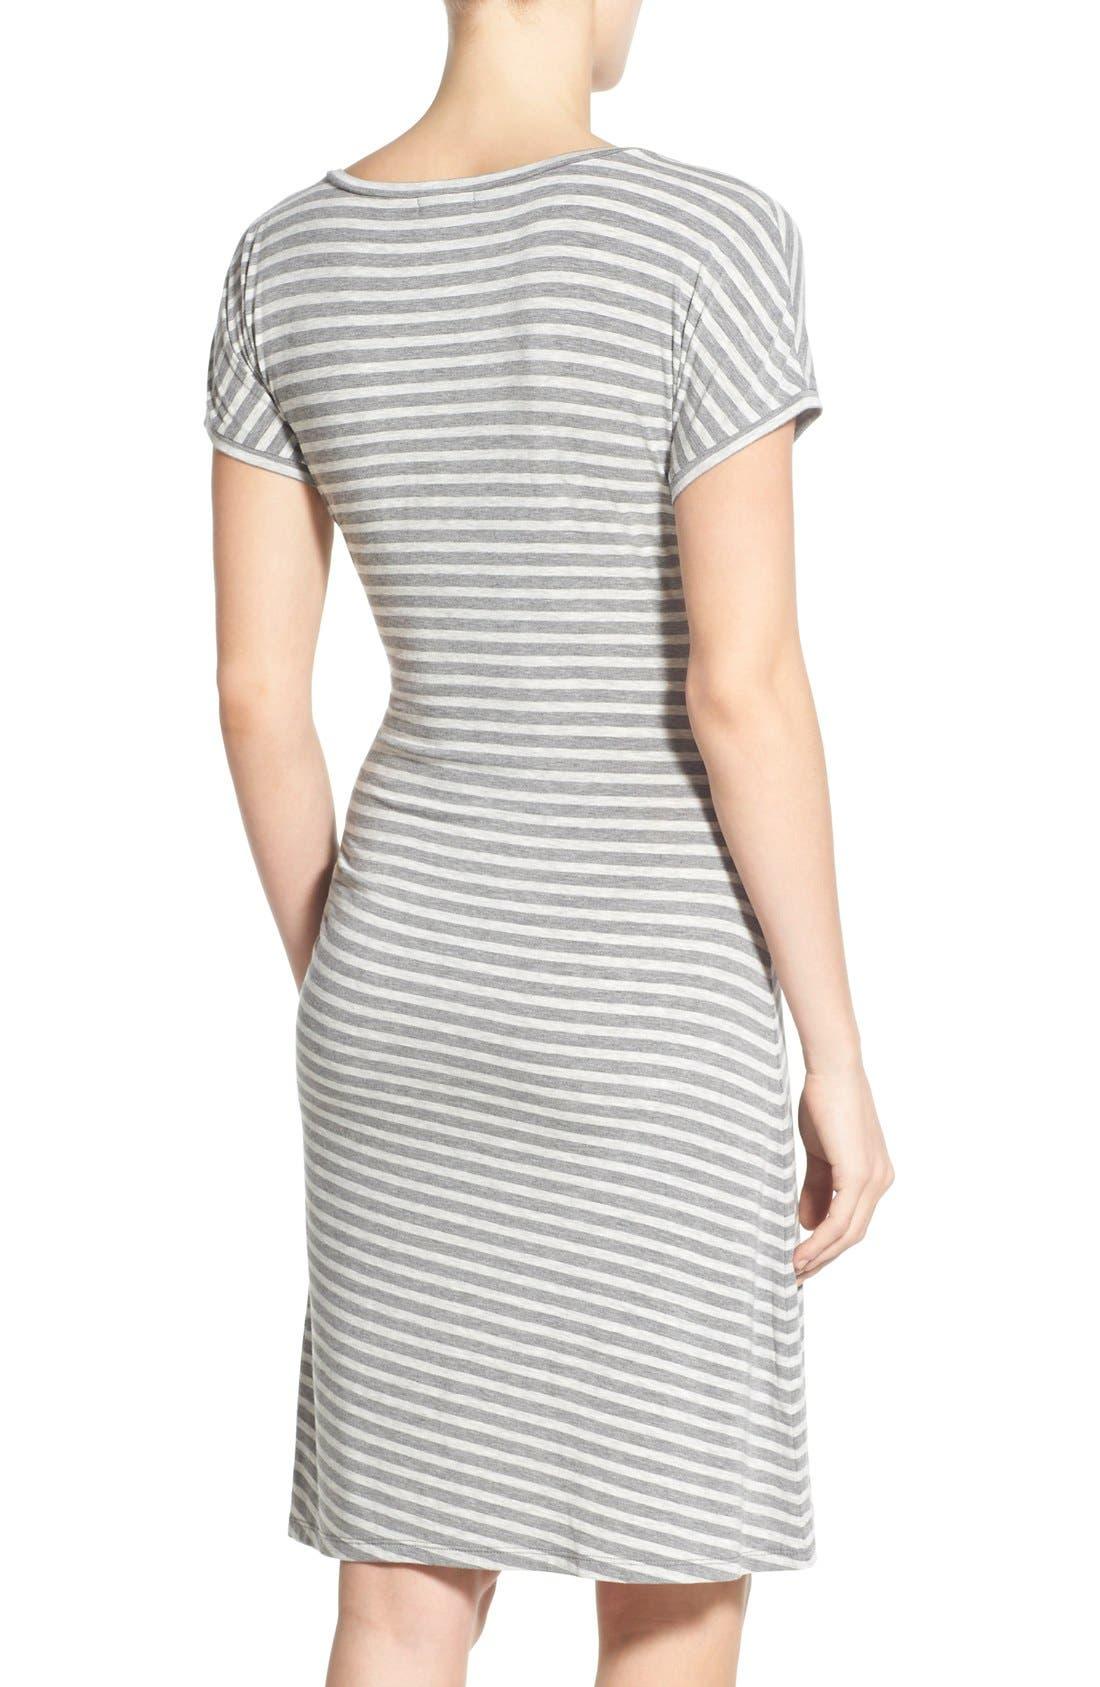 Alternate Image 2  - Caslon® 'Growover' Jersey T-Shirt Dress